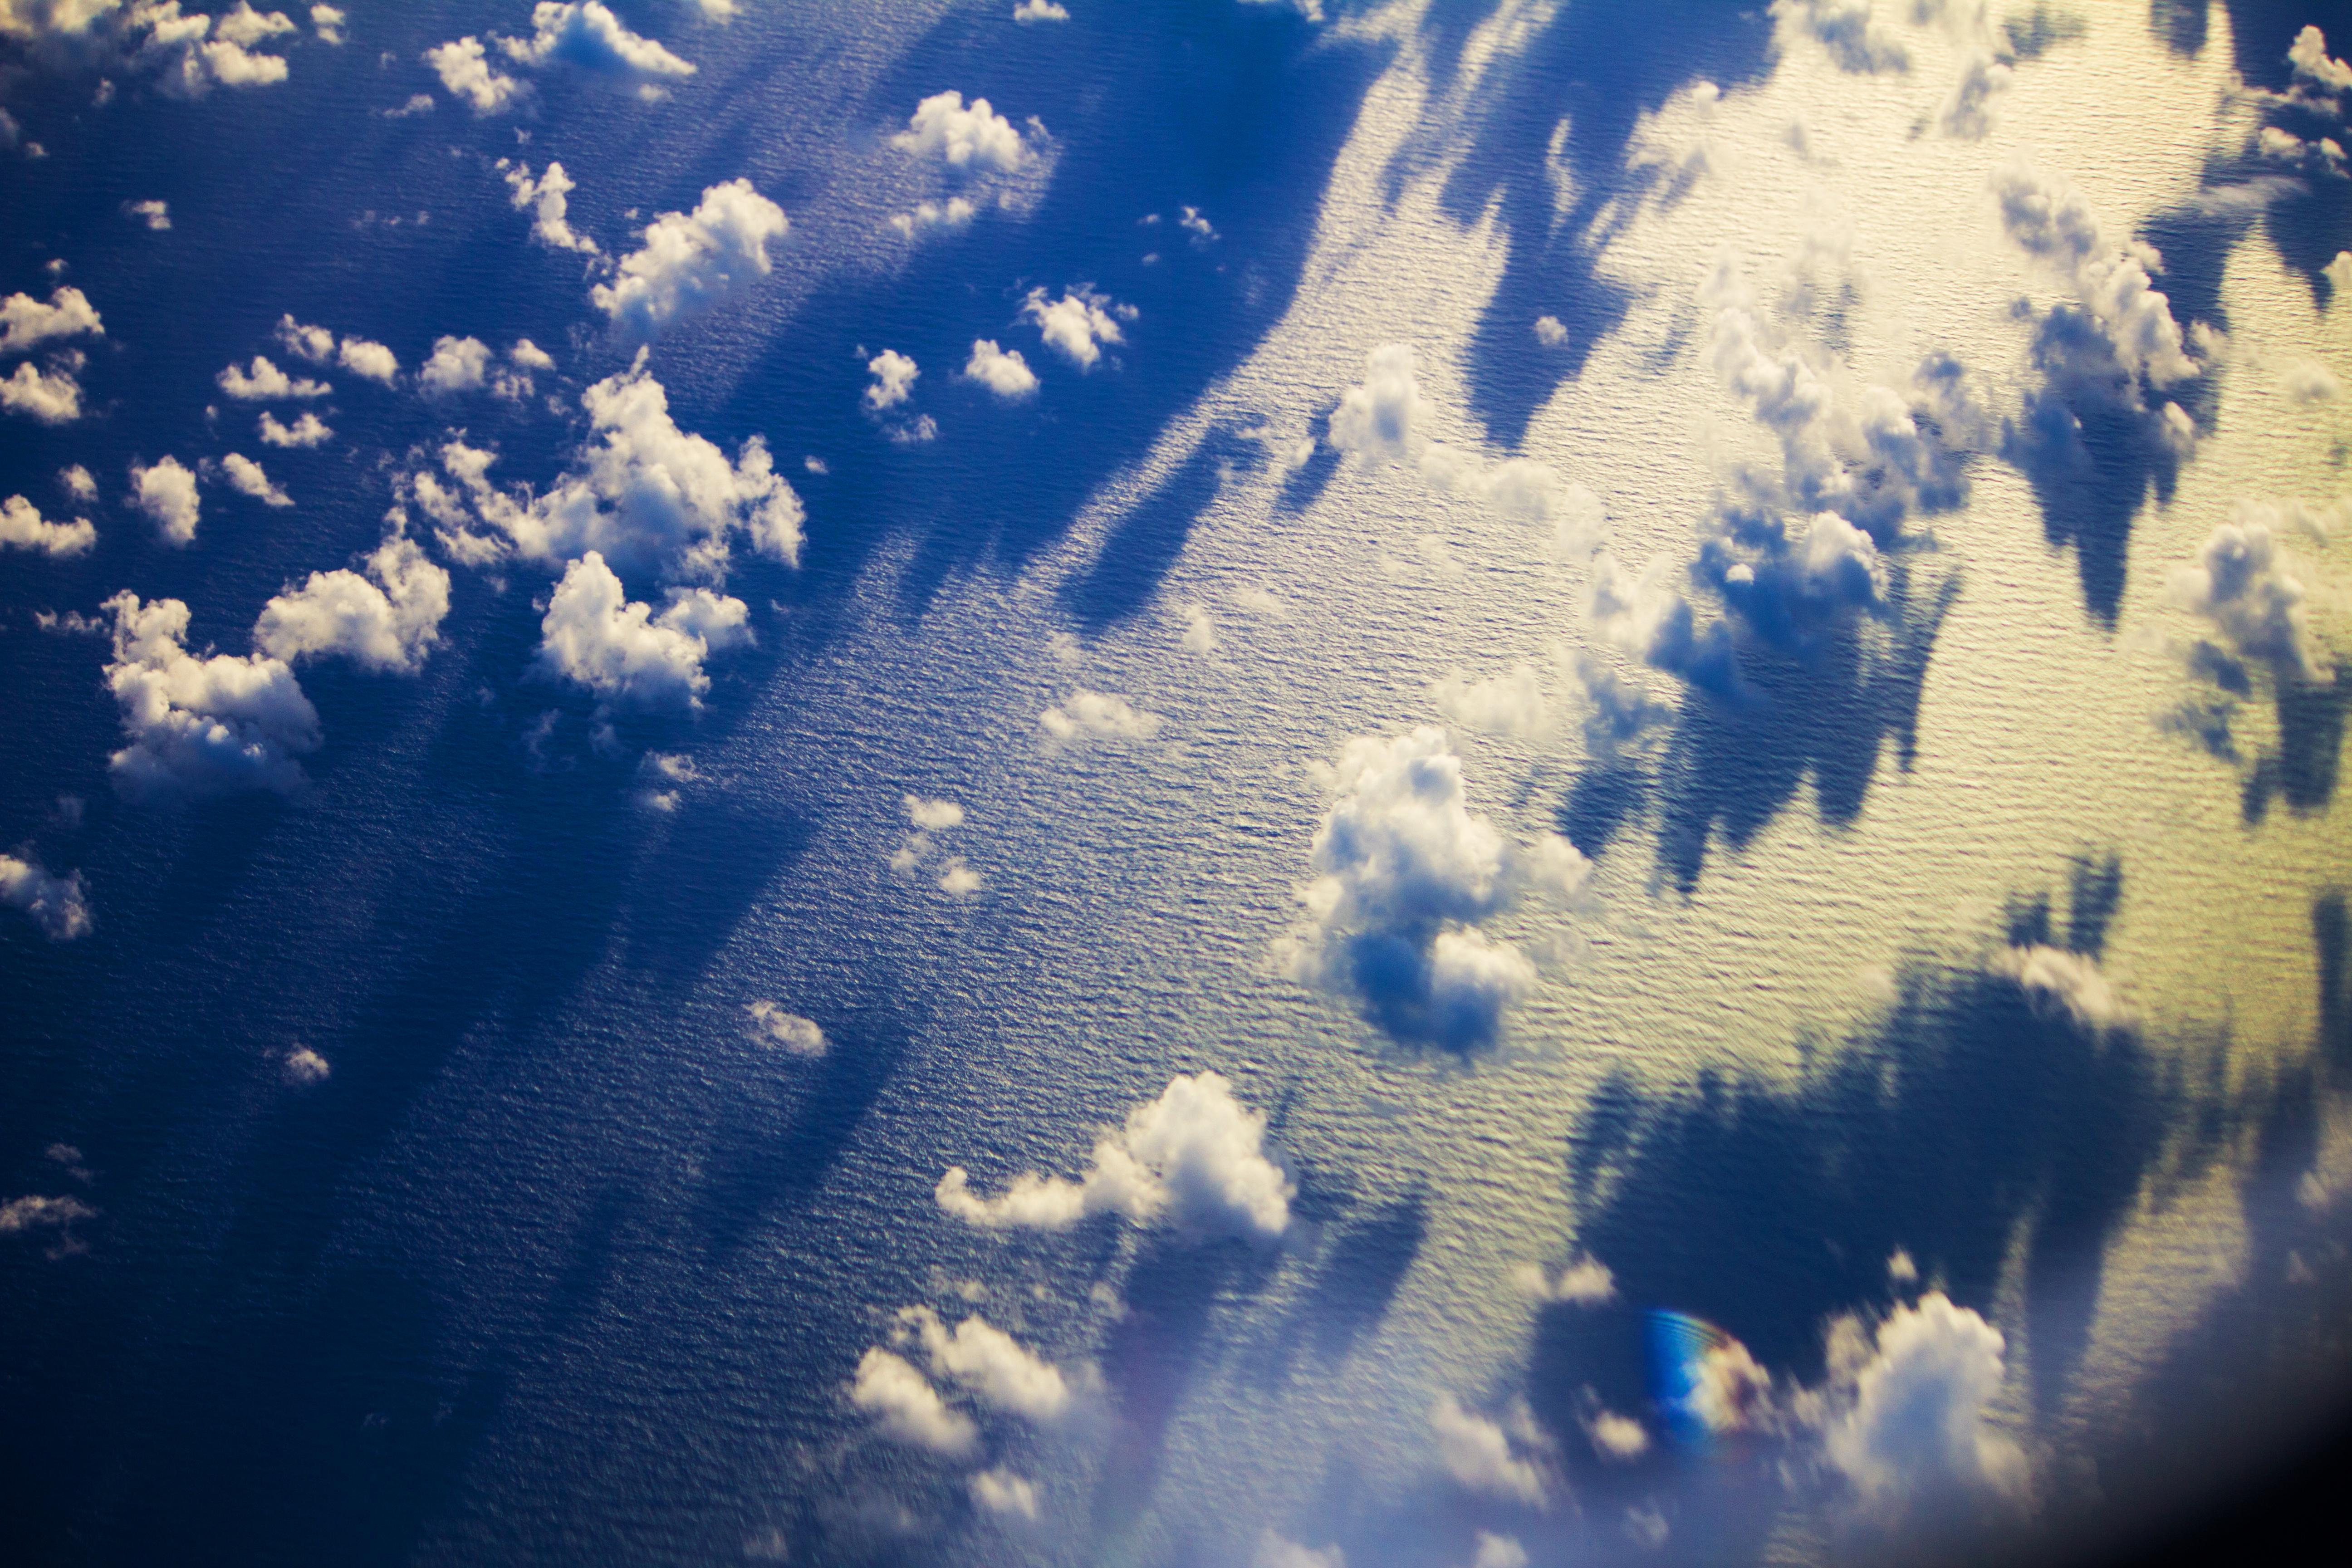 Oahu / Sky